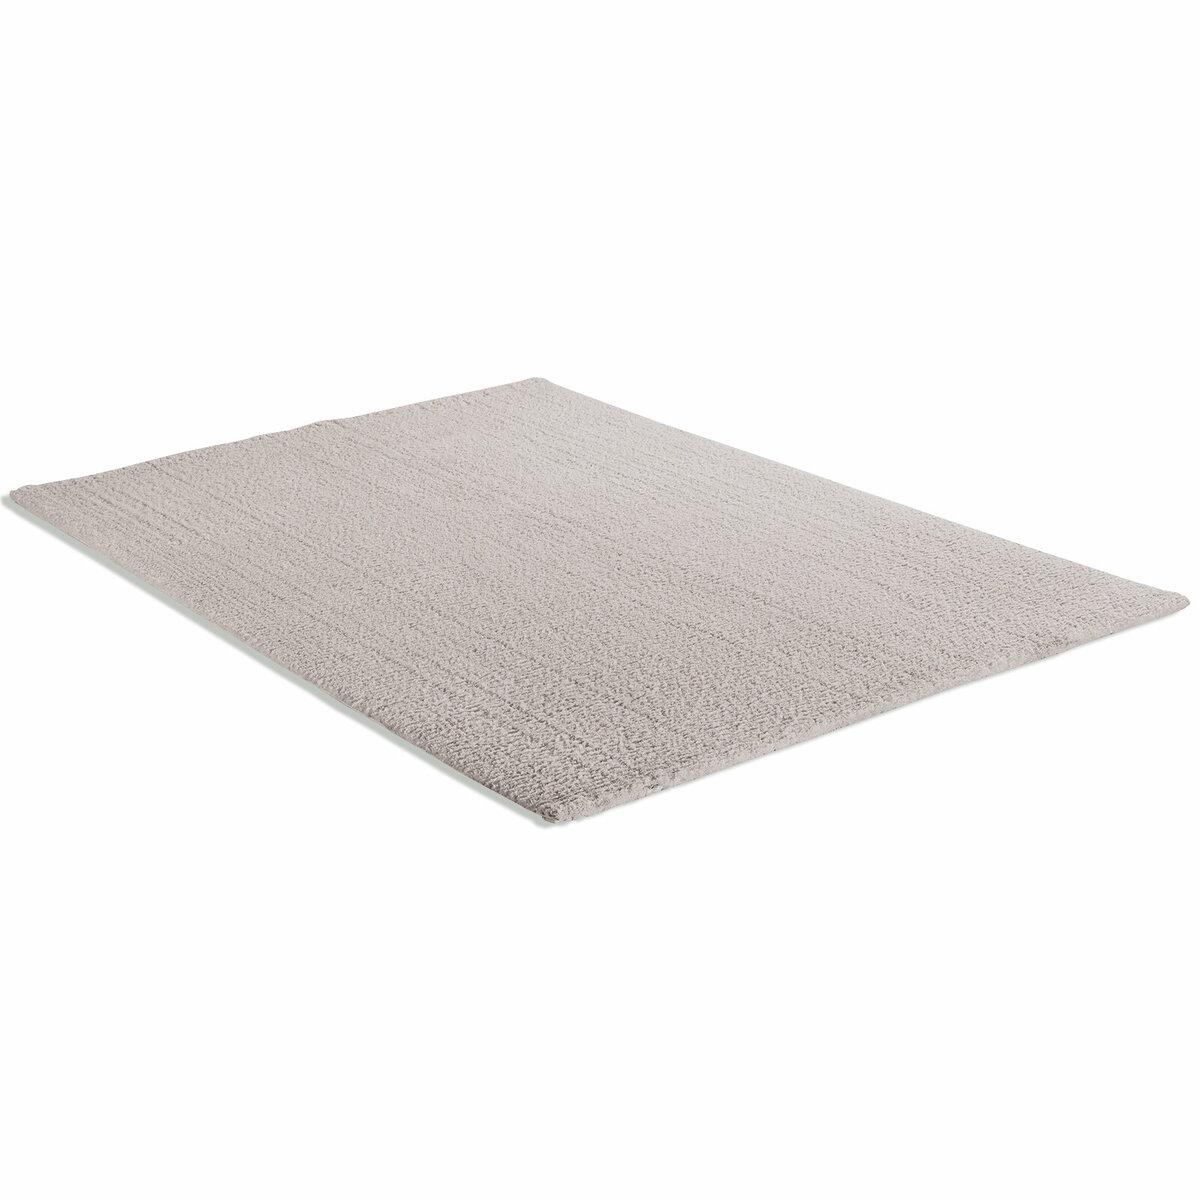 Bild 2 von Teppich TORONTO - weiß - 80x150 cm